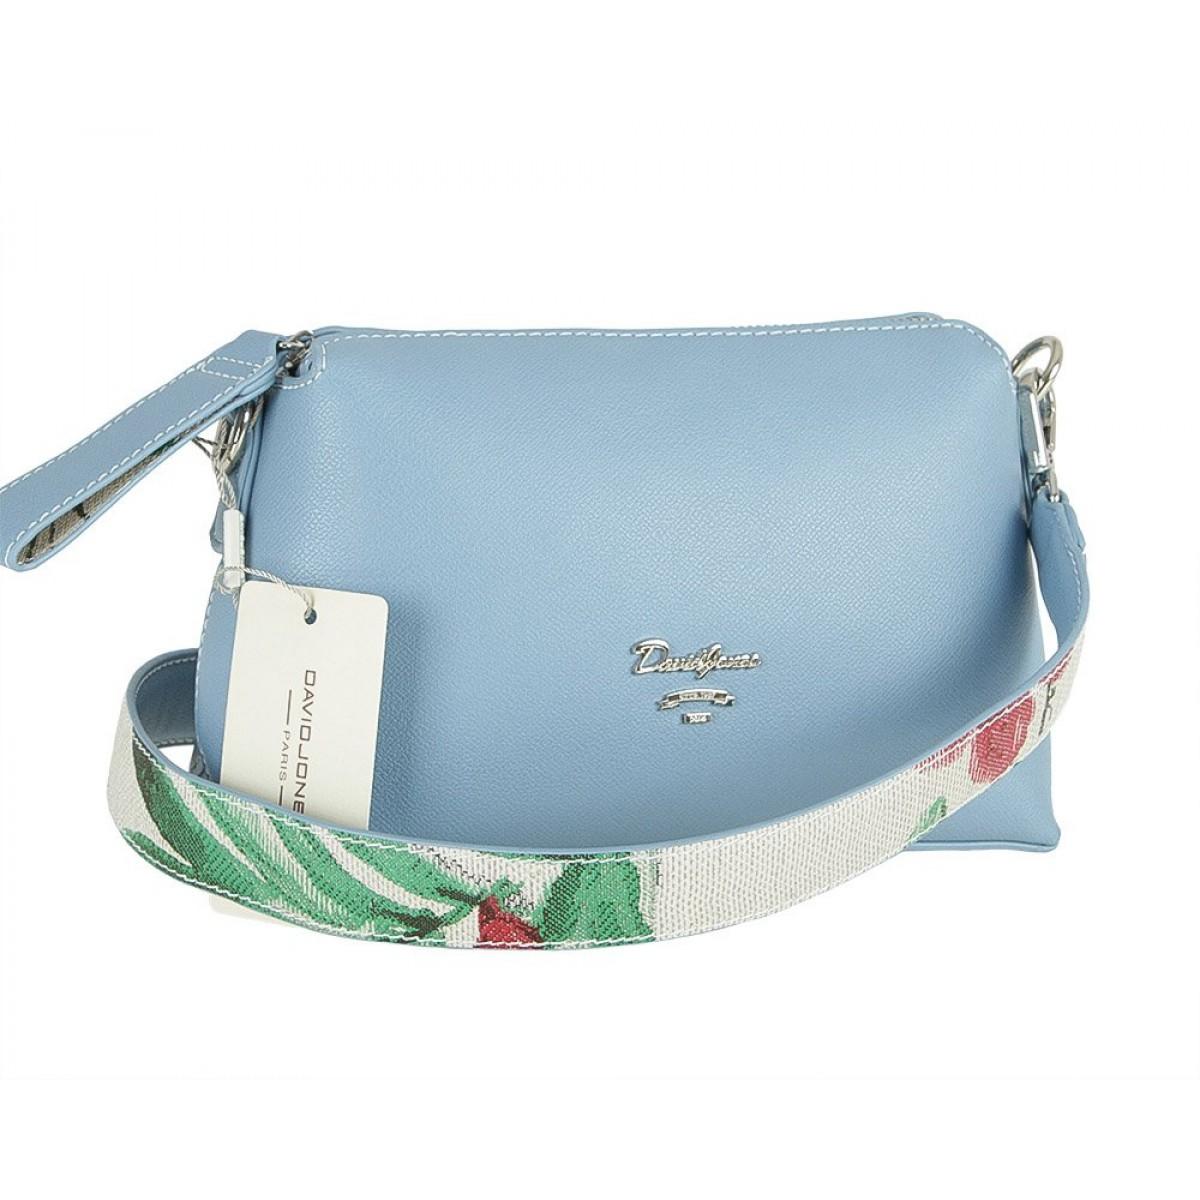 Жіноча сумка David Jones 5912-1 L.BLUE